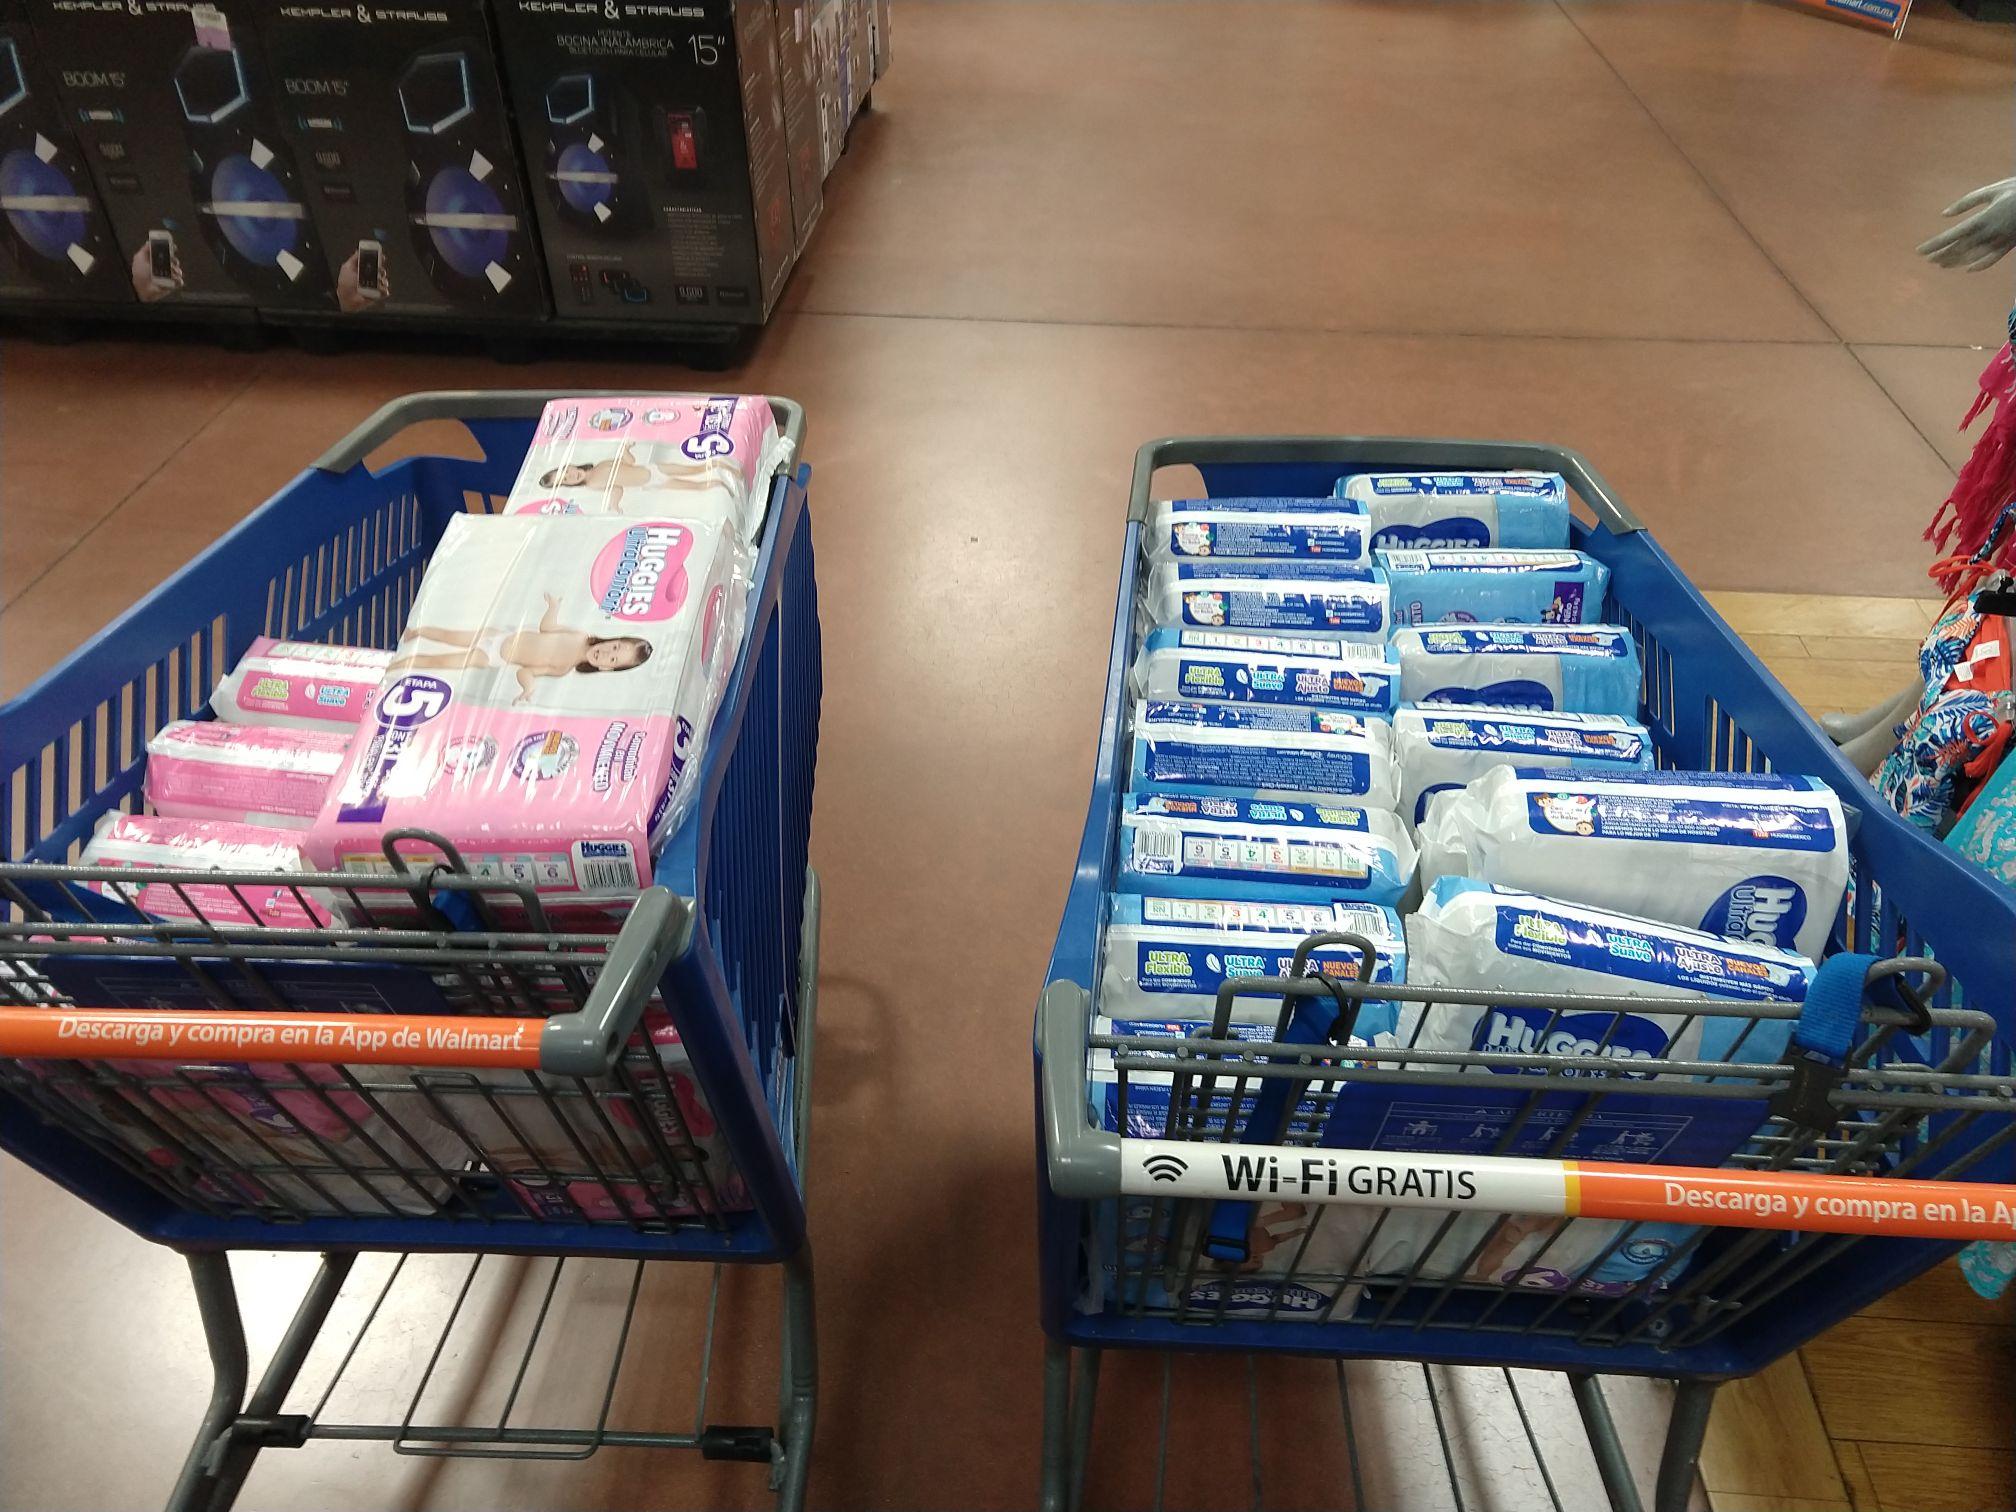 Walmart: Pañales en la primera liquidación